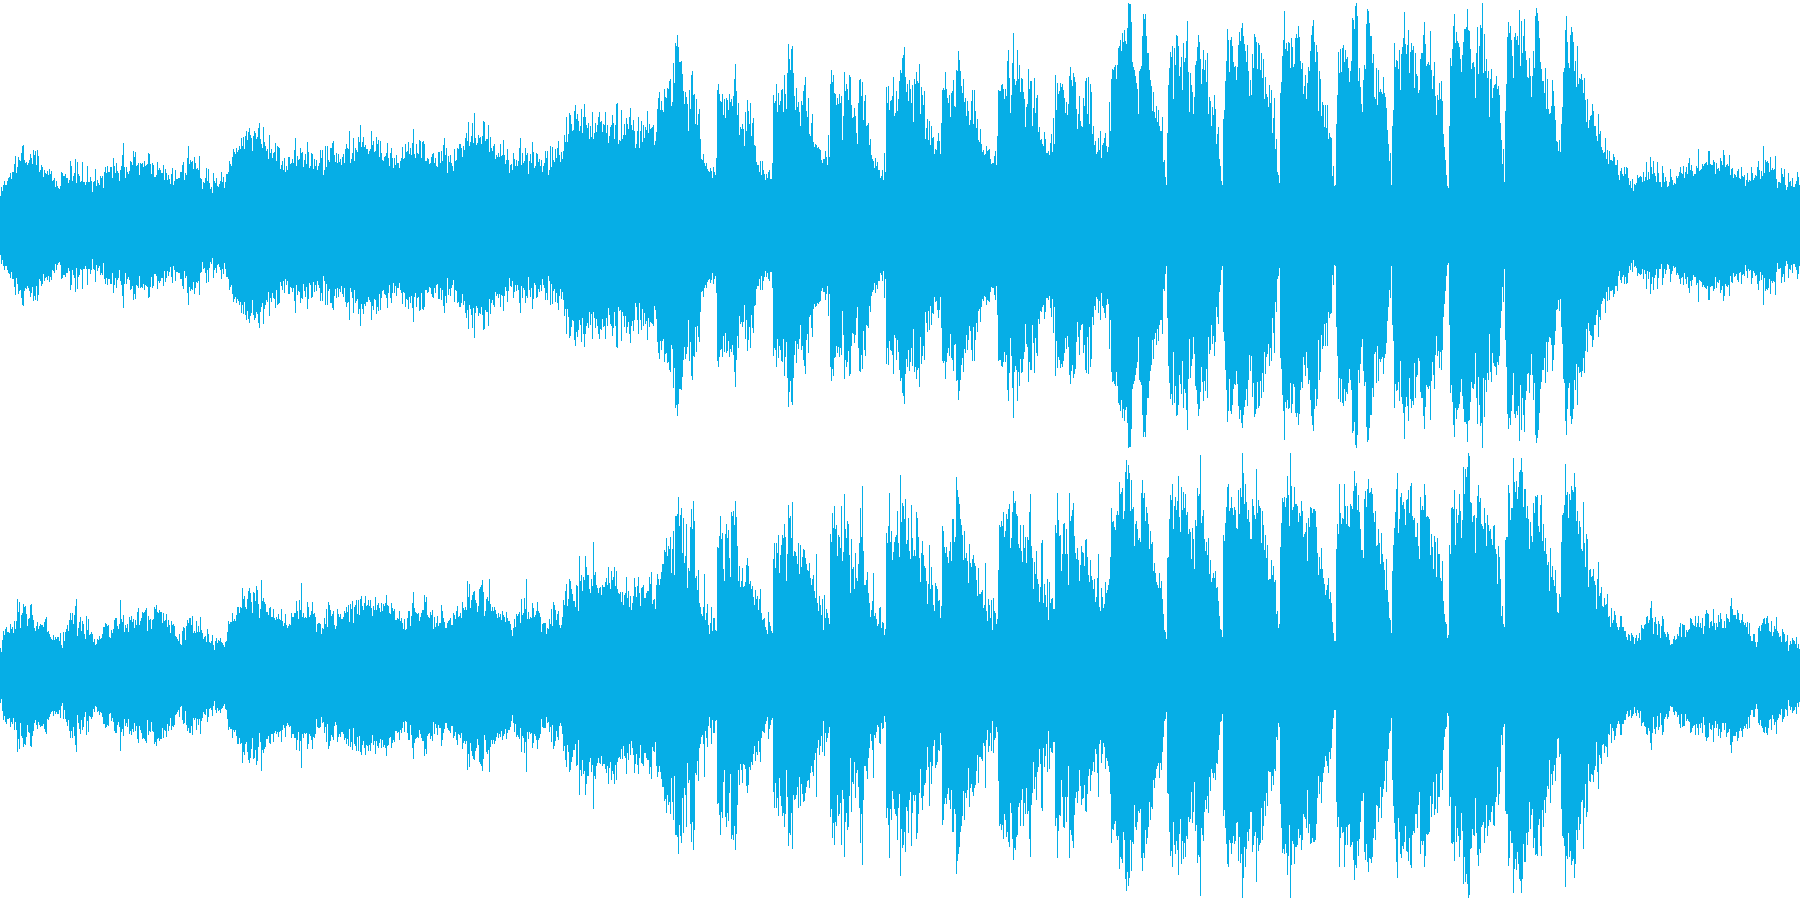 ゲームBGM 妖しい洞窟 ループの再生済みの波形